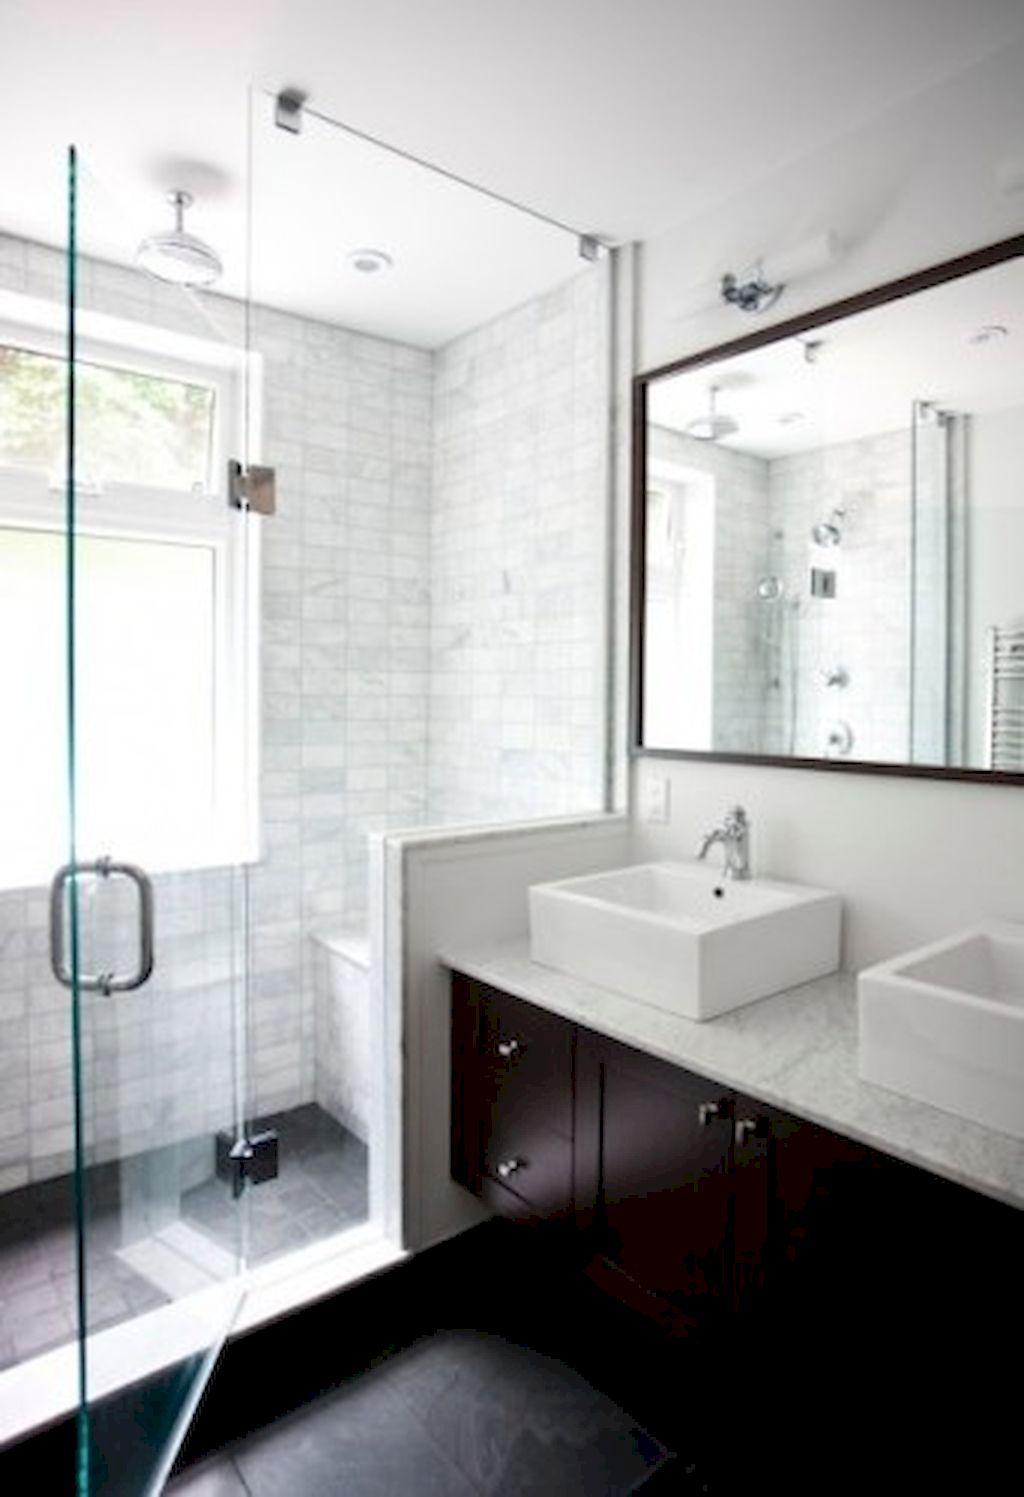 80 stunning tile shower designs ideas for bathroom remodel (76 ...